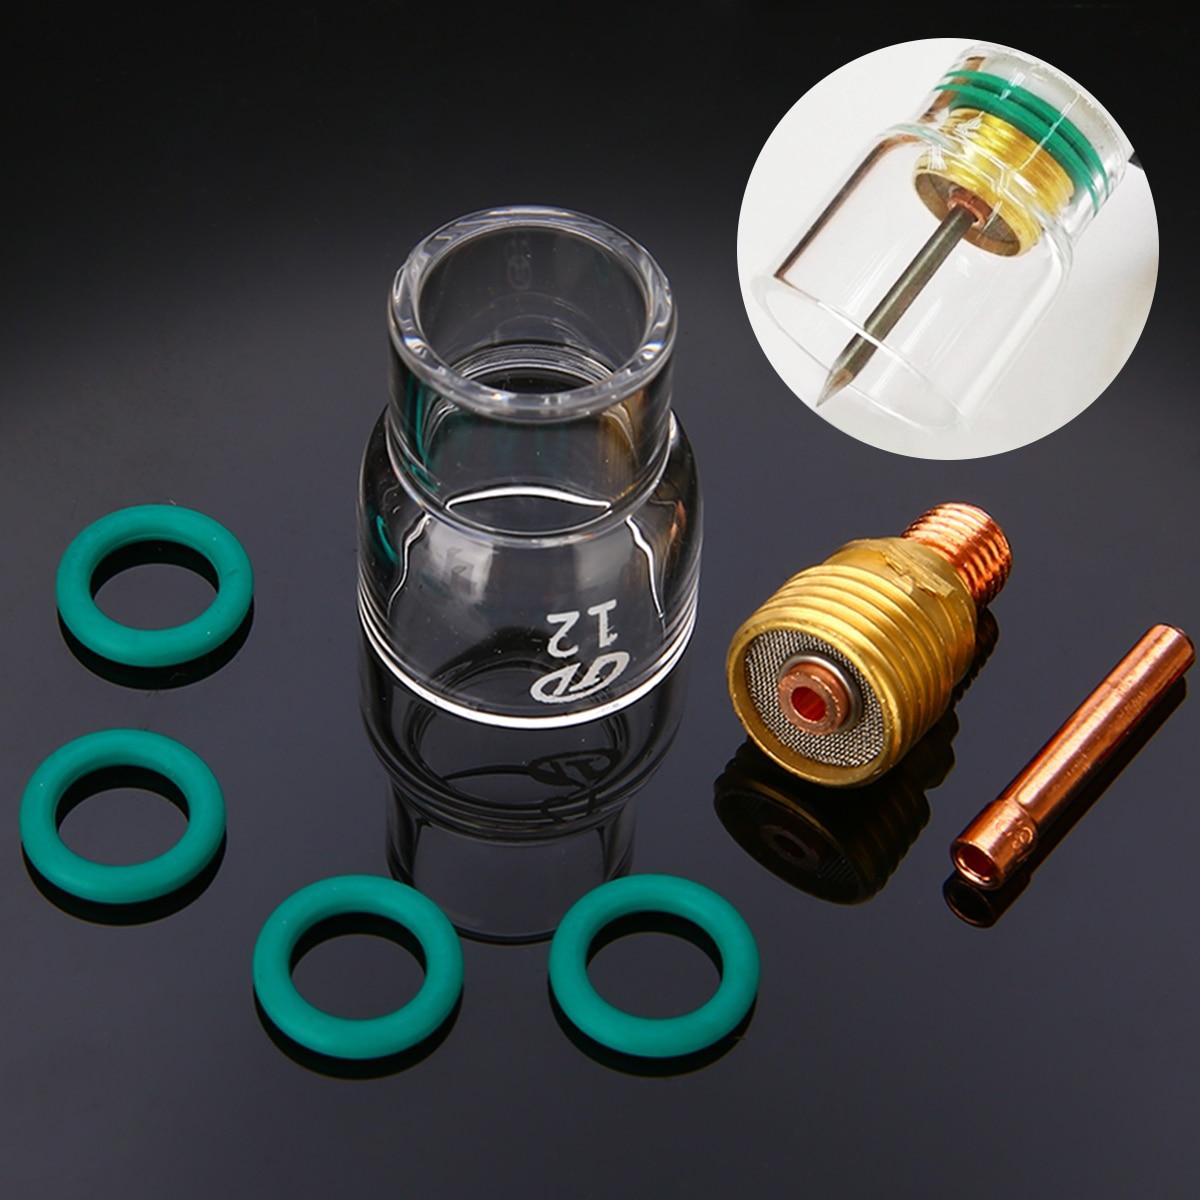 7 teile/satz #12 Pyrex Glas Tasse Kit Stubby Spannzangen Körper Gas Objektiv Wig-schweißbrenner Für WP-9/20 /25 Mayitr Schweißen Zubehör